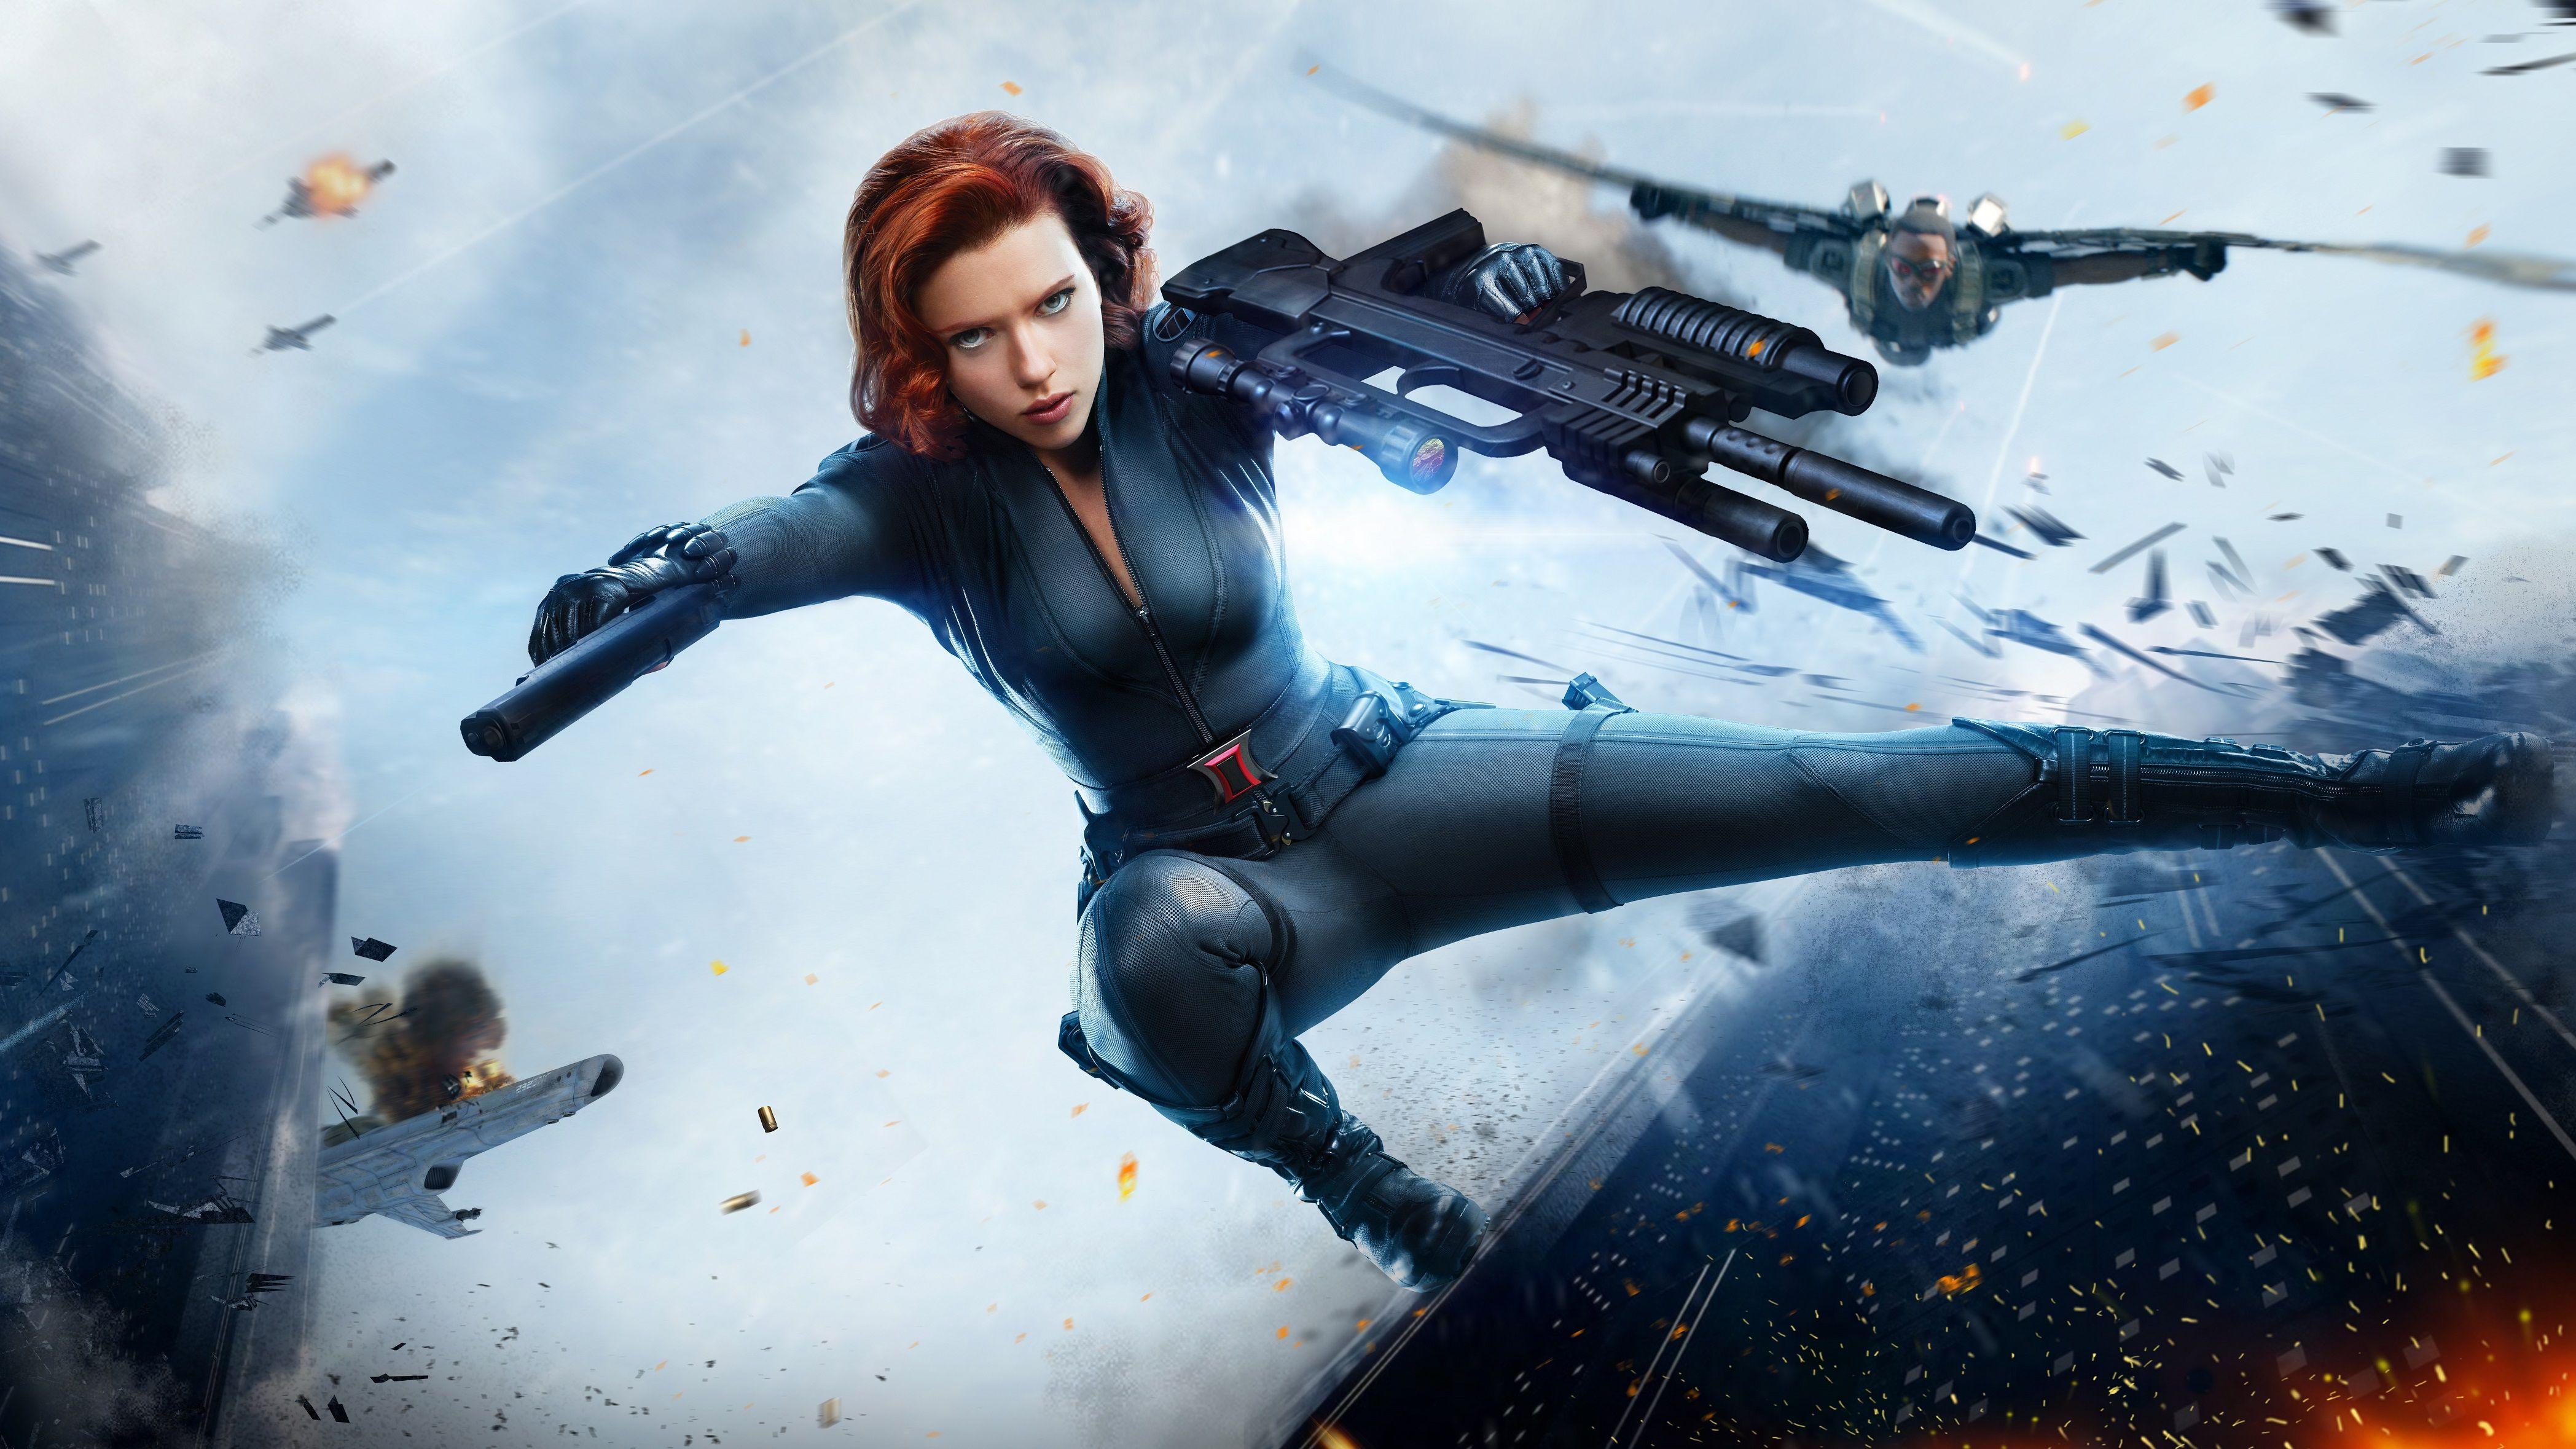 Black Widow 4k 2019, HD Superheroes, 4k Wallpapers, Images ...